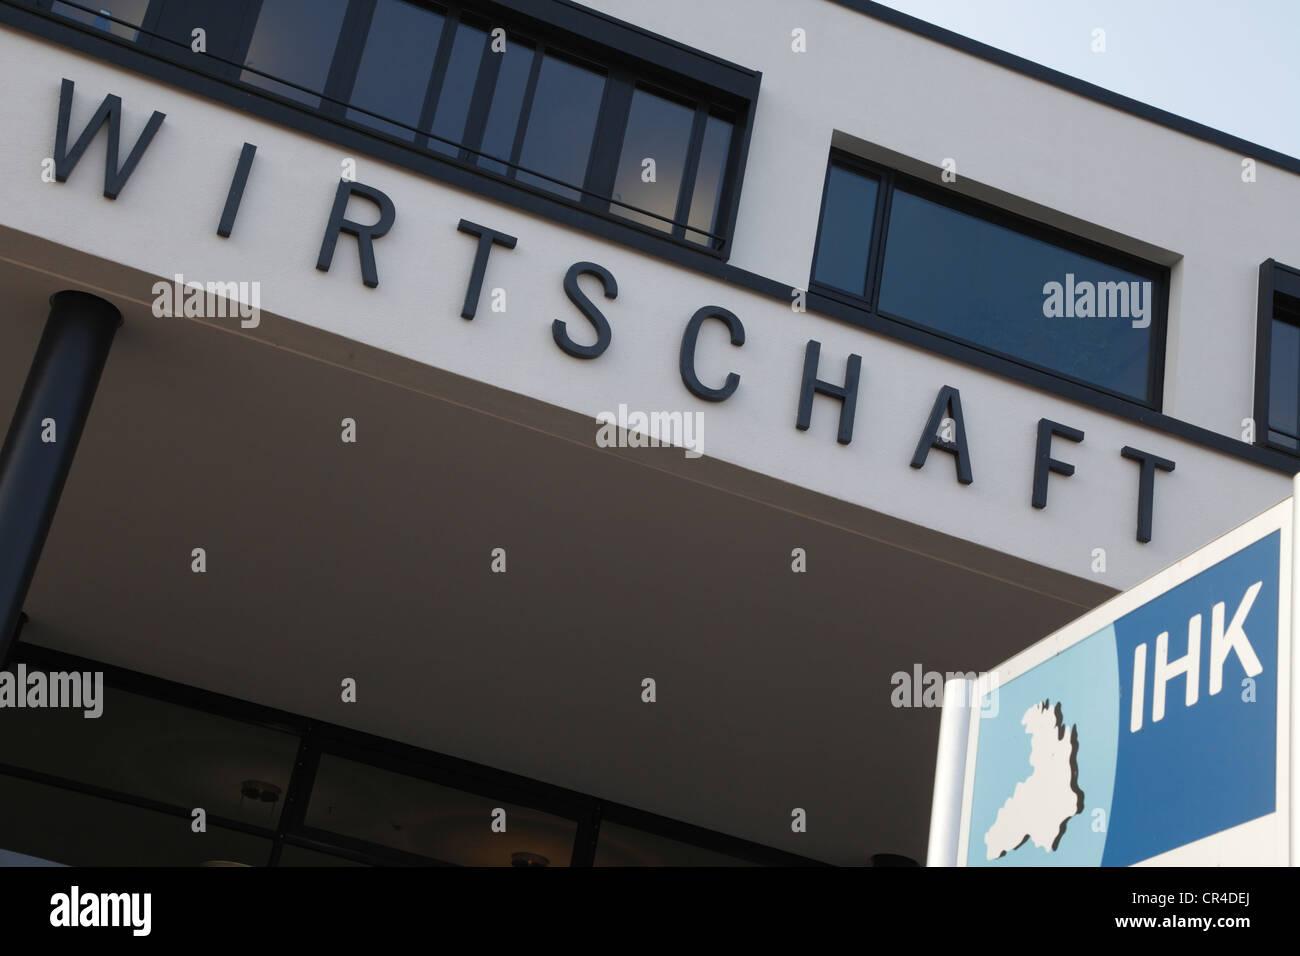 Signage, Wirtschaft, German for business, Haus der Wirtschaft, IHK, Chamber of Commerce and Industry Heilbronn-Franken Stock Photo